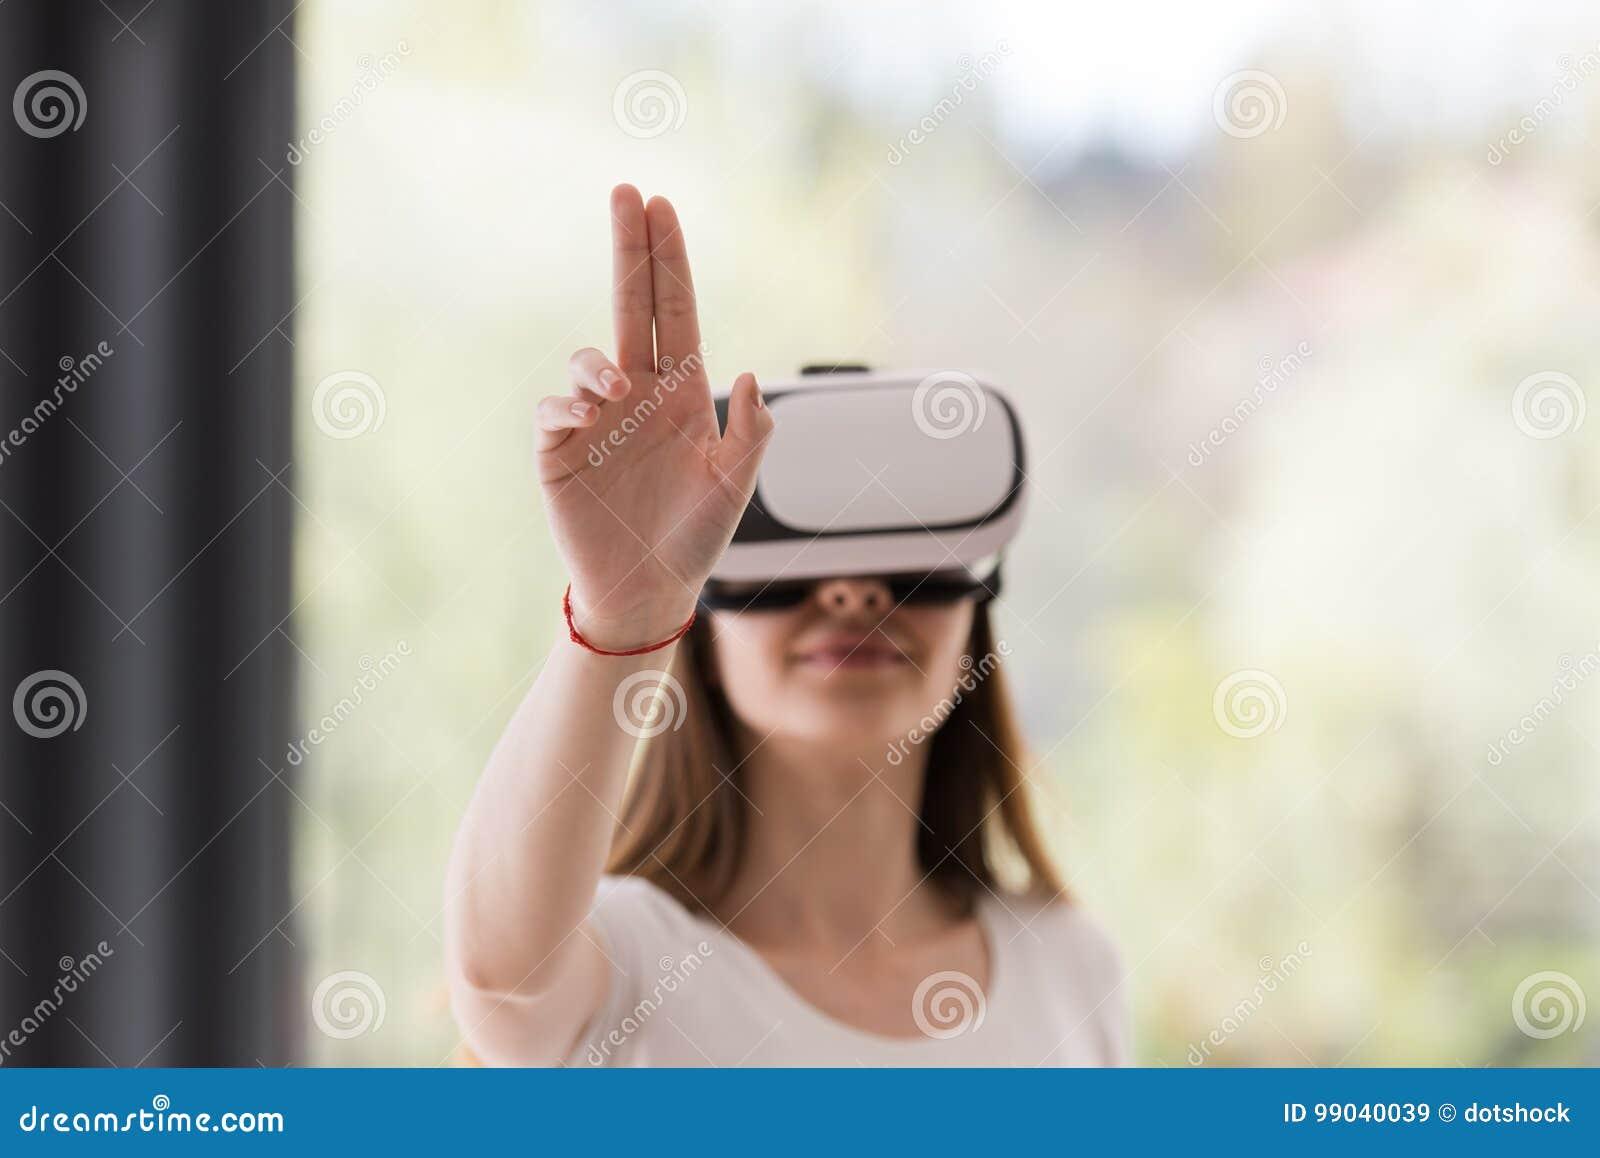 Woman Hold Vr Headset Glasses Violet Background. Digital